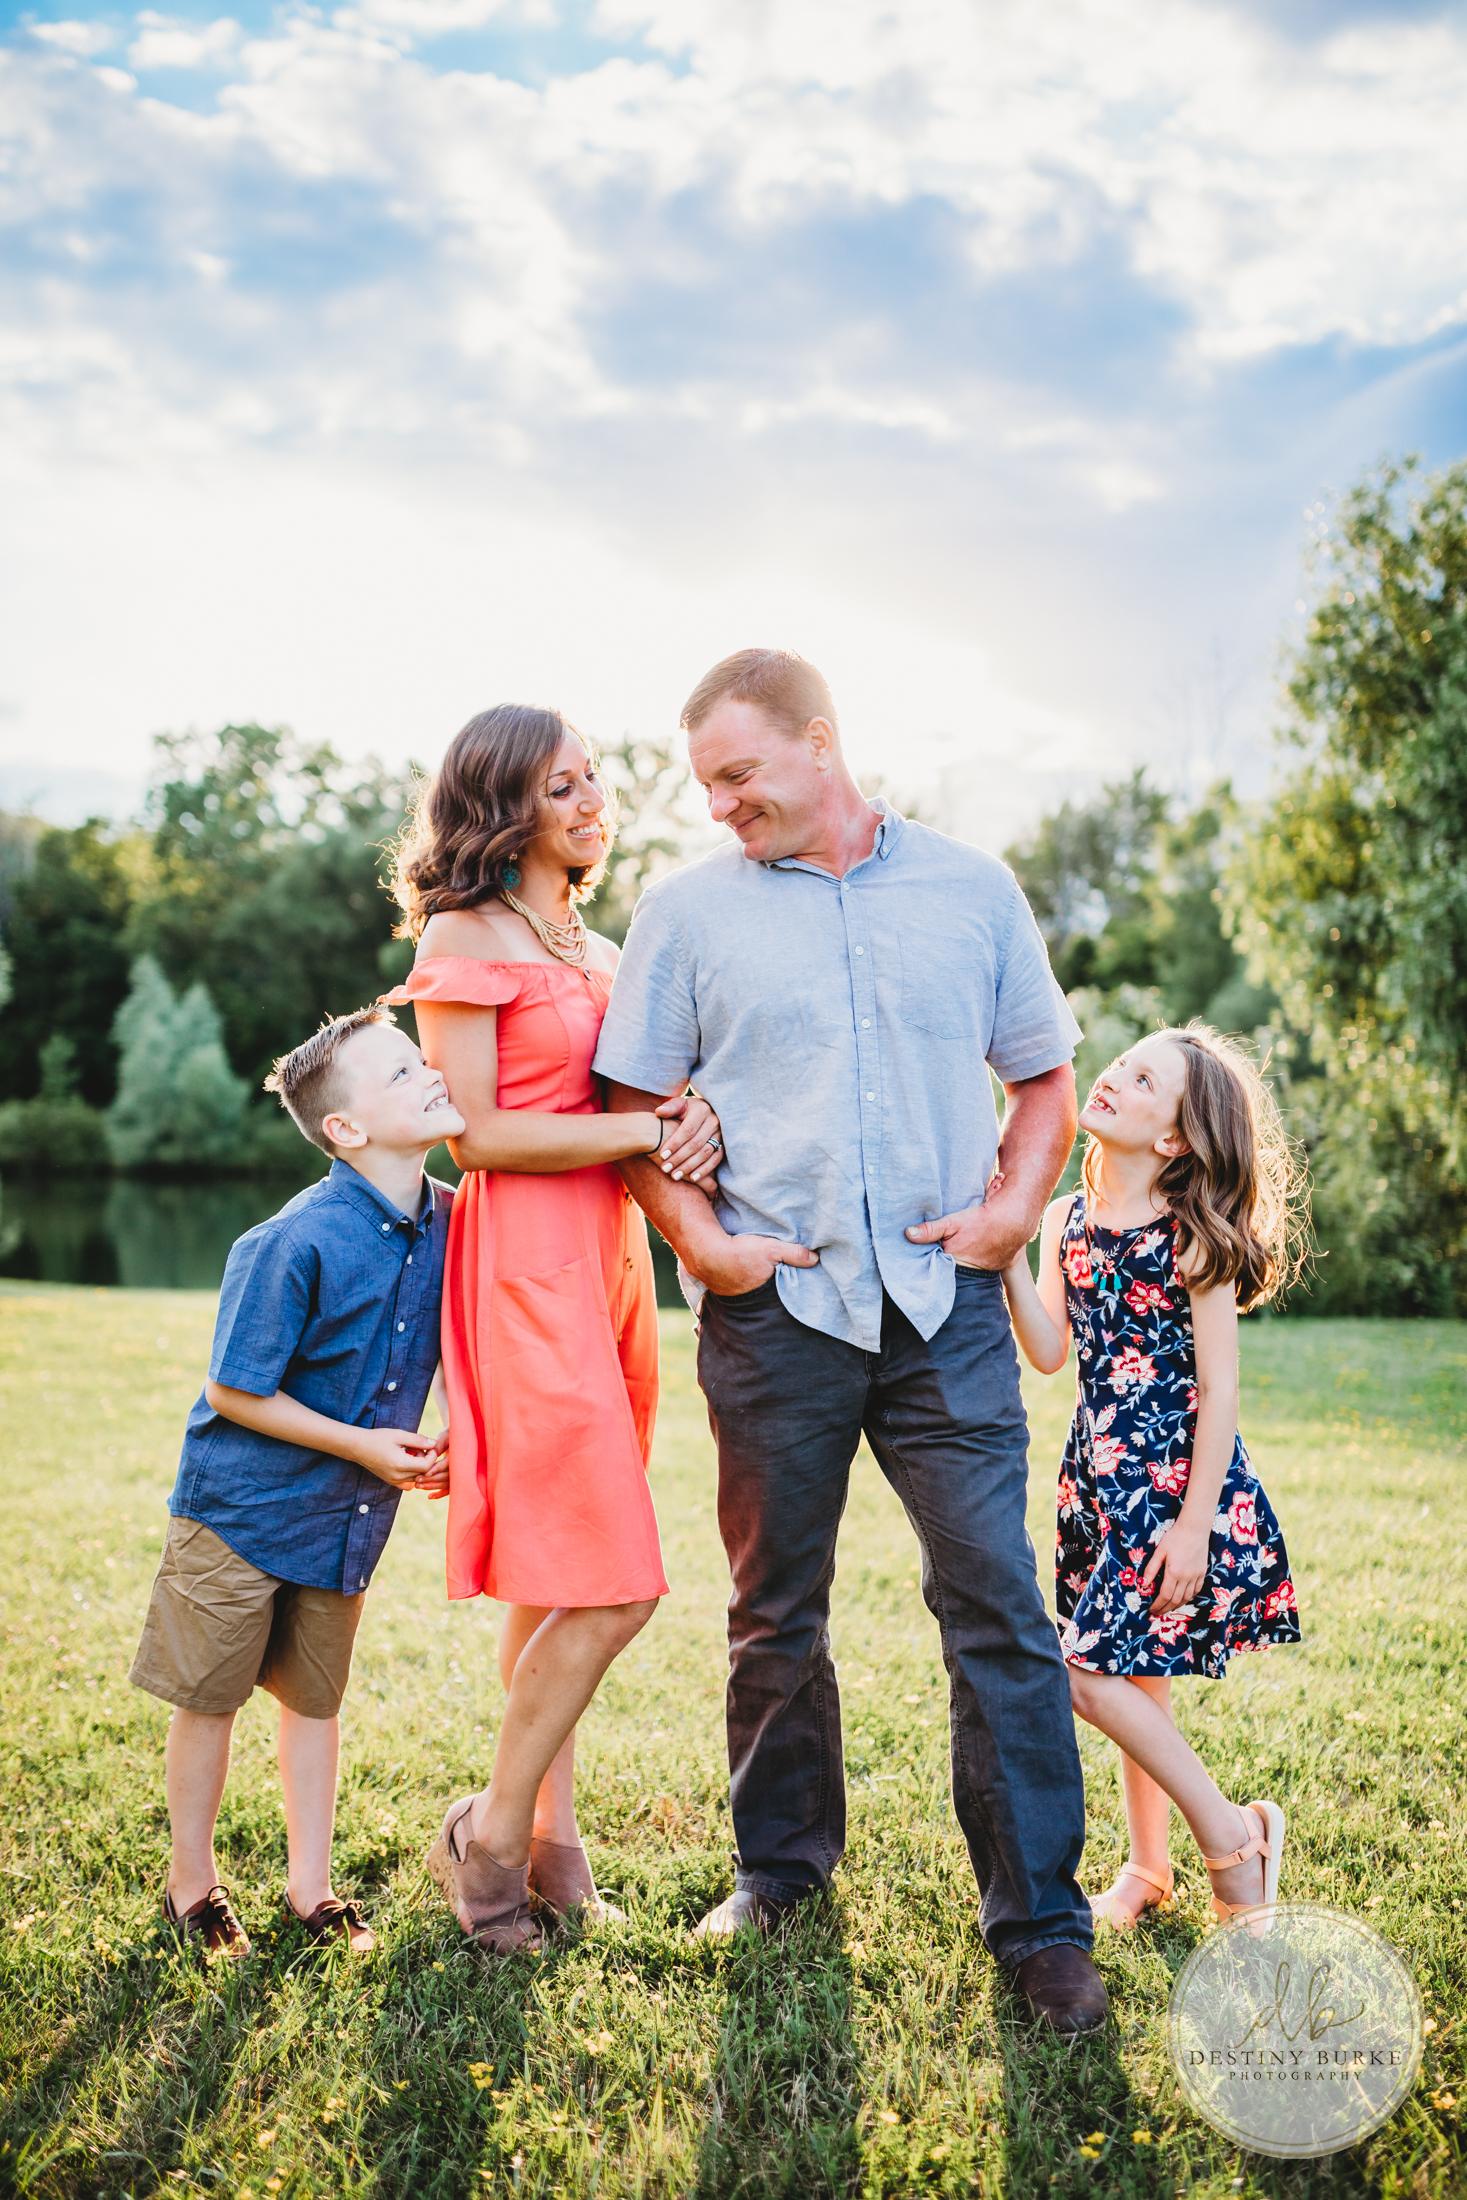 Family Photography Rochester NY Black Creek Park Chili